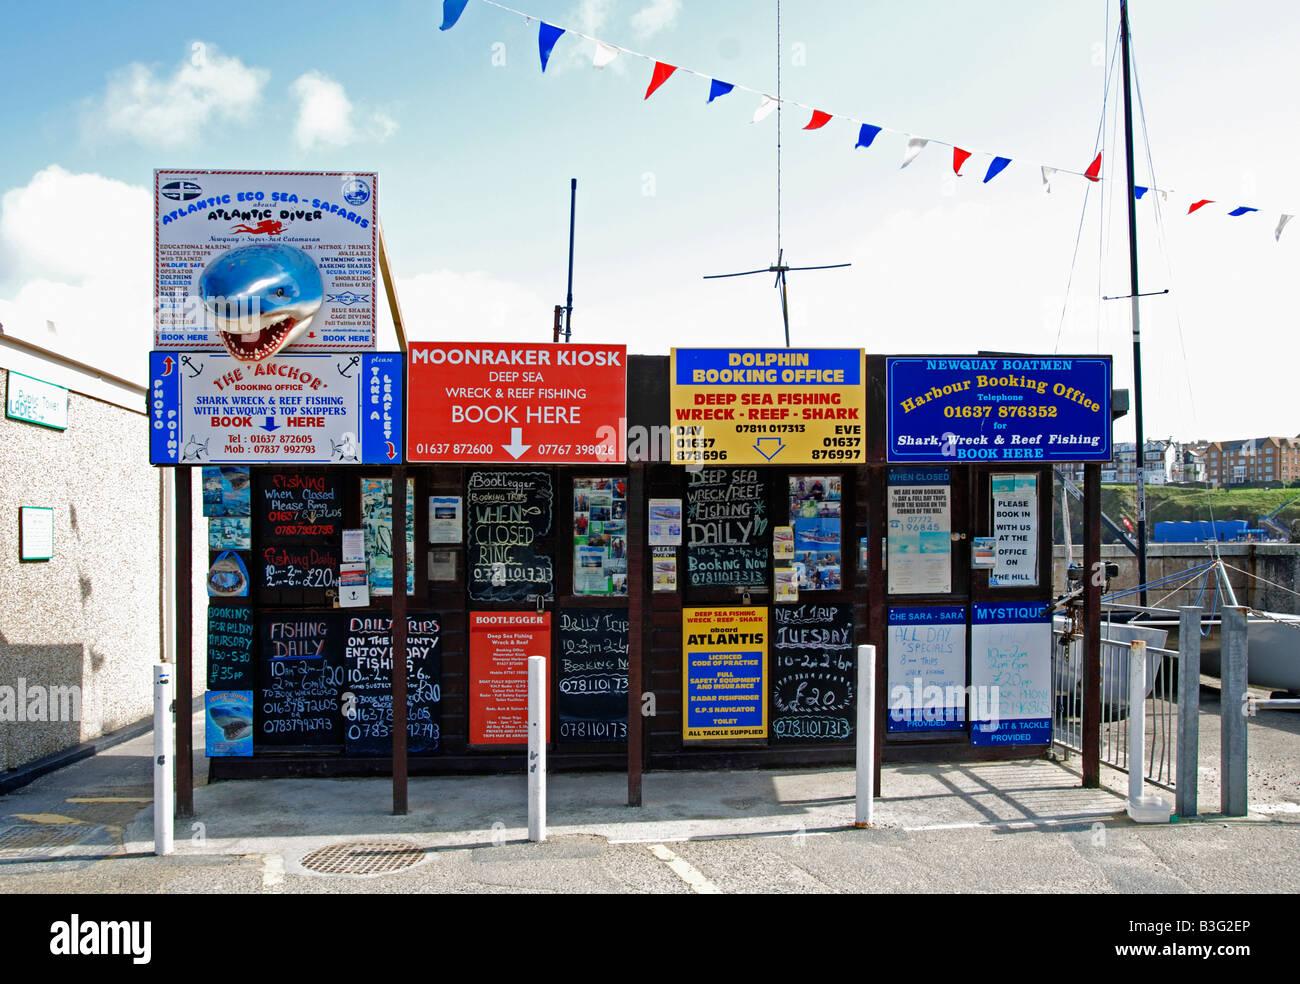 Una oficina de reservas de viaje de pesca en el mar en el puerto de Newquay, Cornwall, Inglaterra, Reino Unido Imagen De Stock